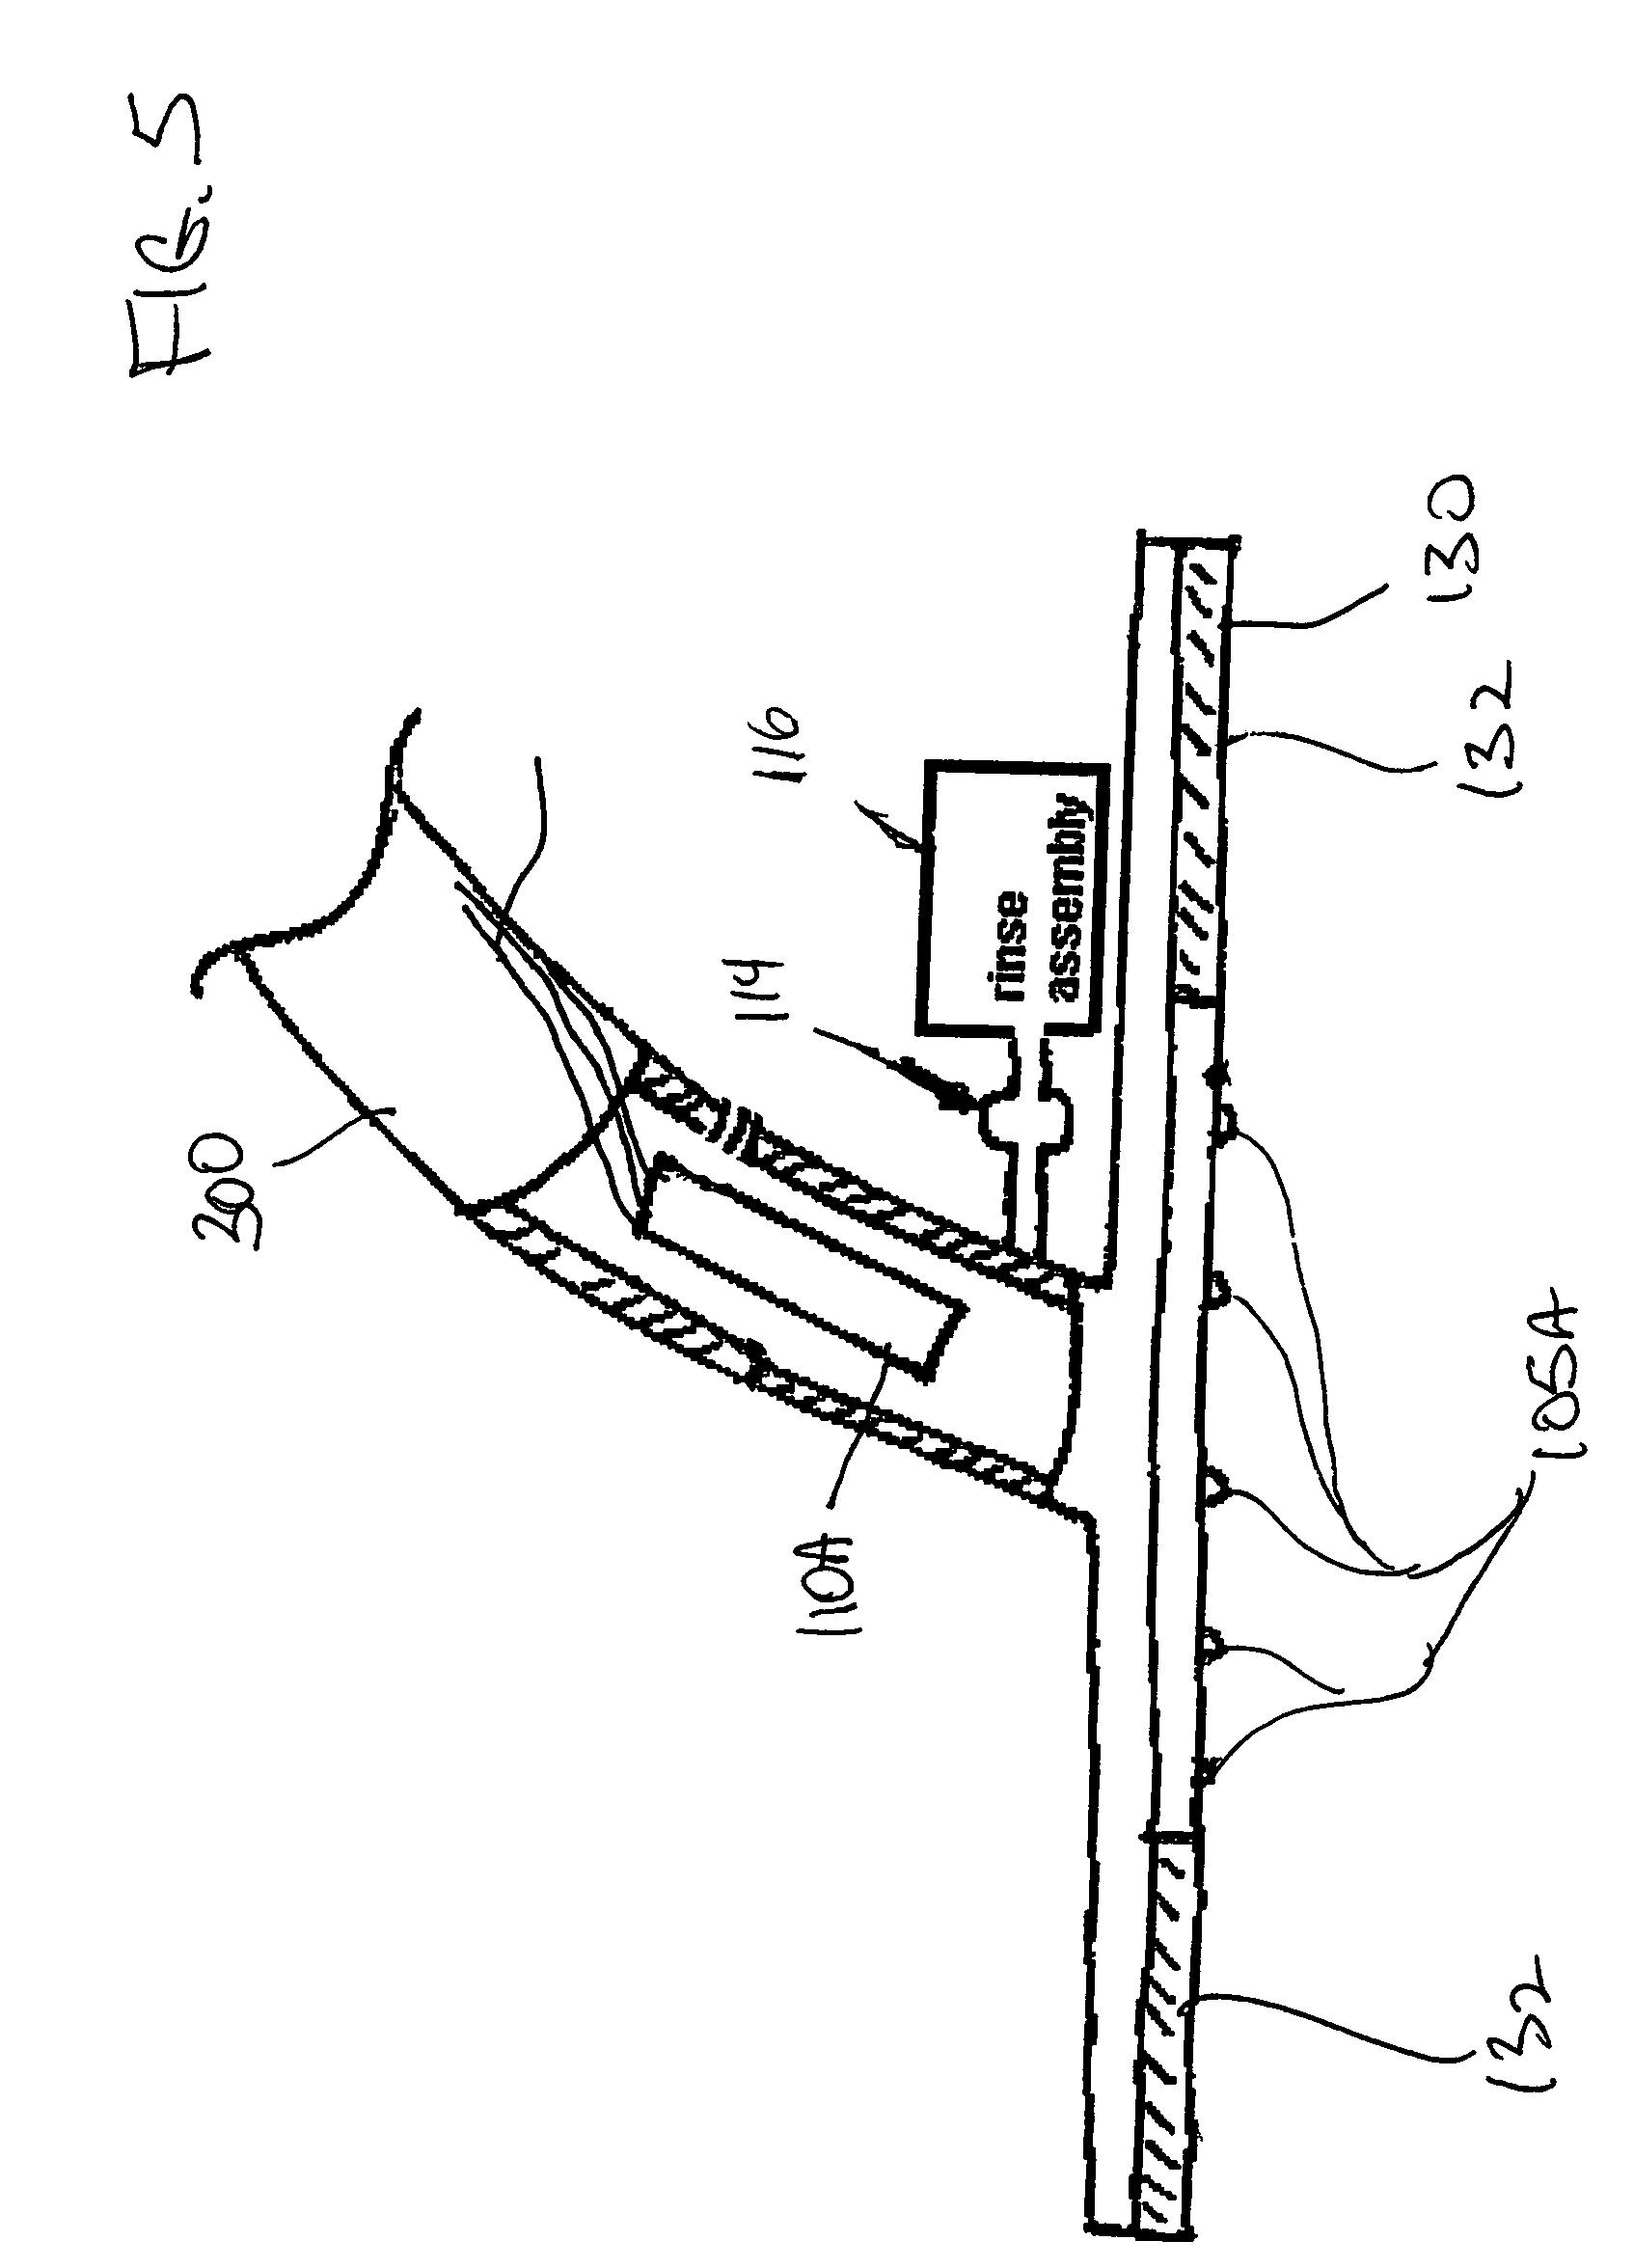 hight resolution of meyer truck lite wiring diagram 31 wiring diagram images basic wiring light meyer basic wiring light